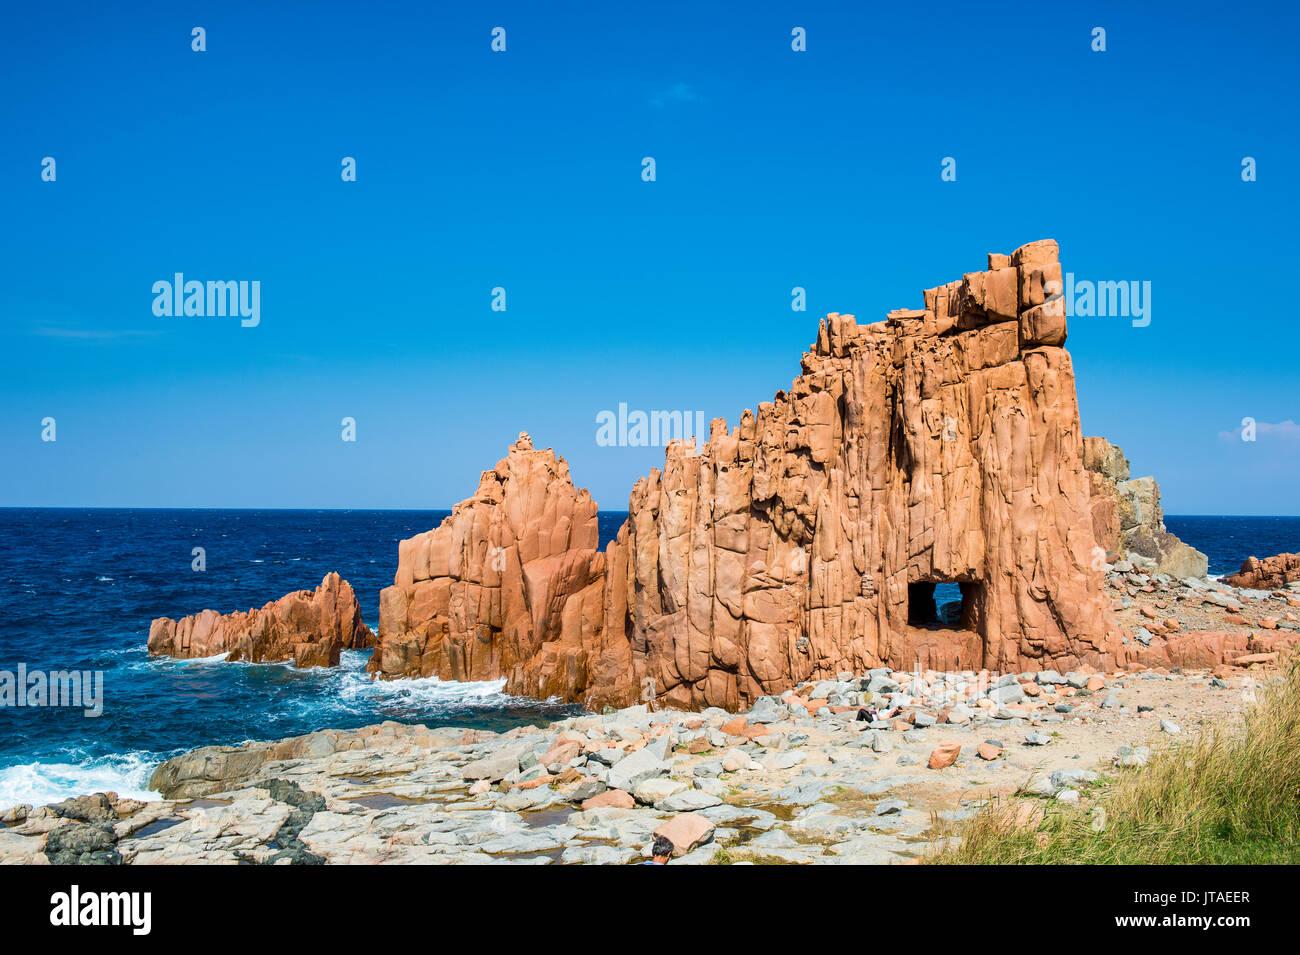 Spiaggia di rocce rosse di Arbatax, Sardegna, Italia, Mediterraneo, Europa Immagini Stock